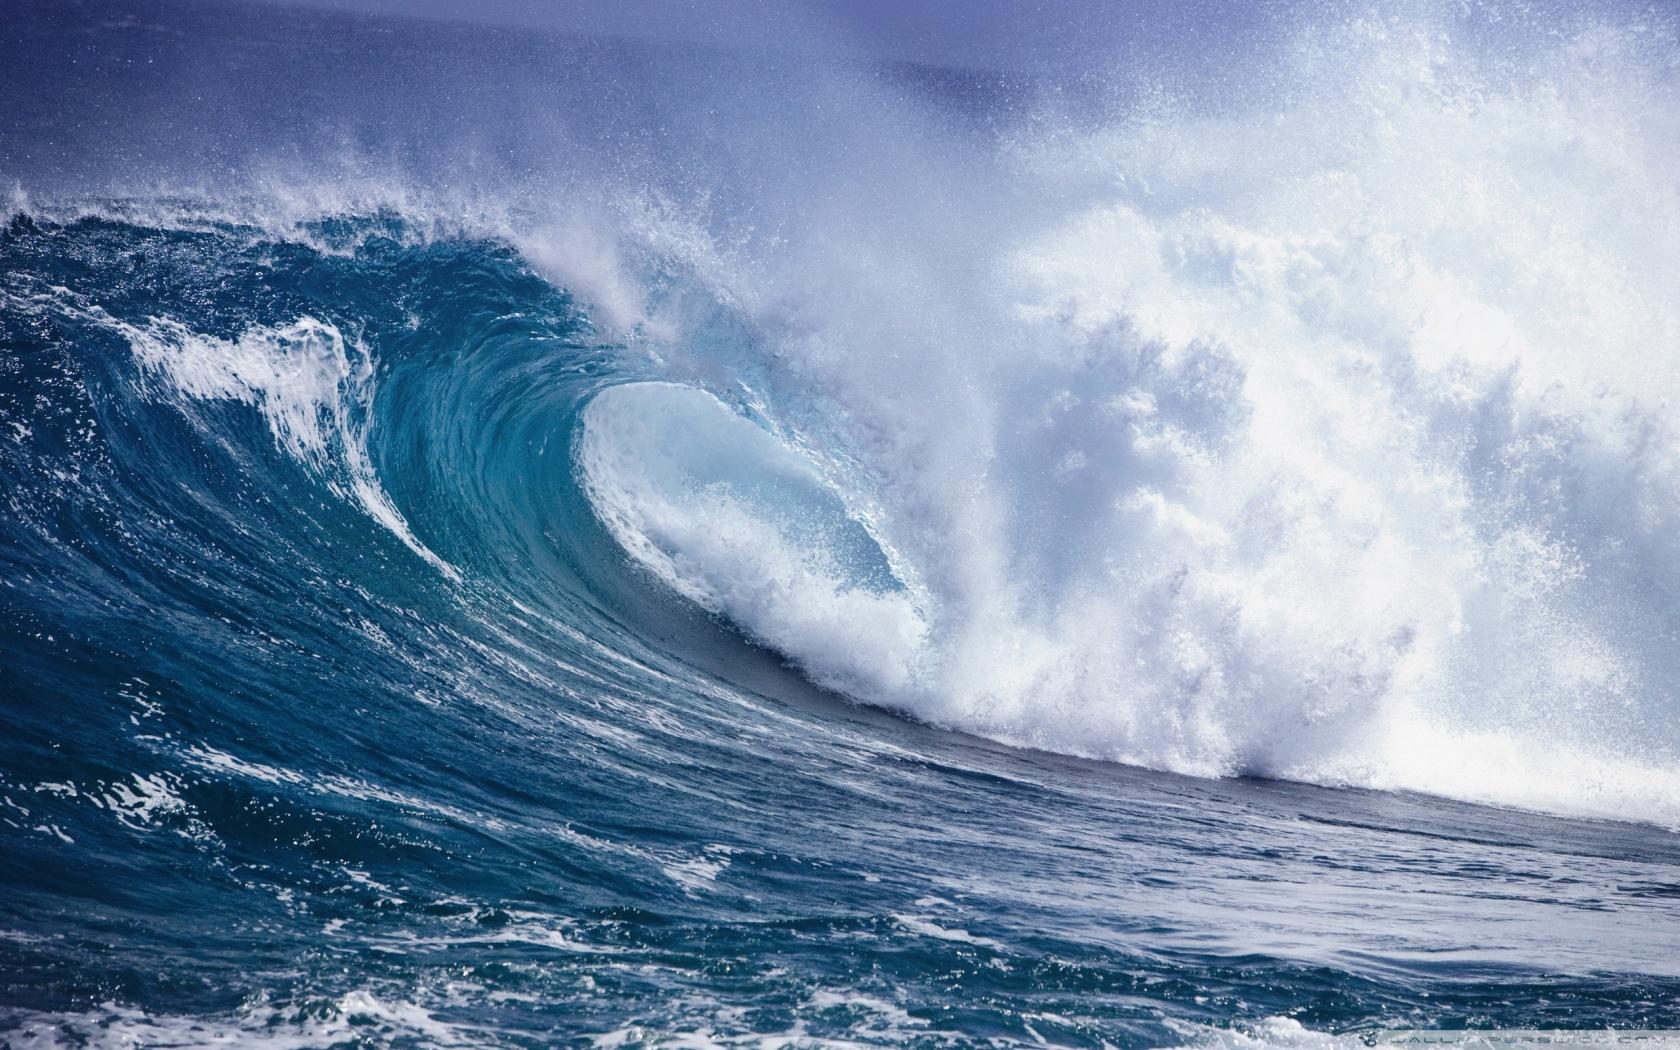 Ocean Waves Wallpaper X Images at Clkercom   vector clip art 1680x1050